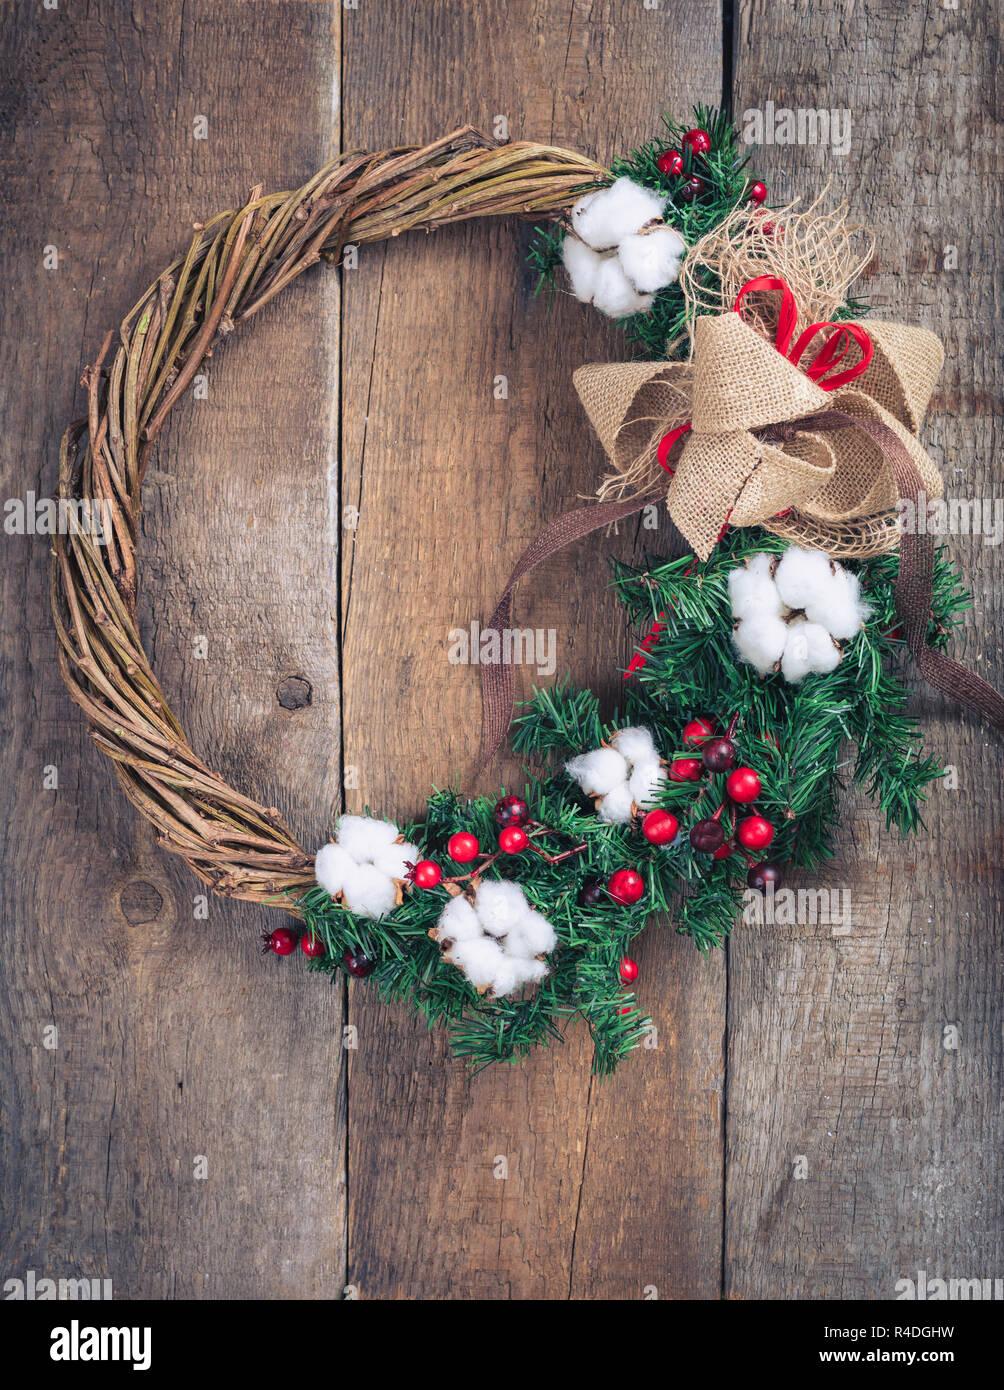 Corona De Navidad Hecha A Mano En Una Puerta De Madera Rústica Fotografía De Stock Alamy